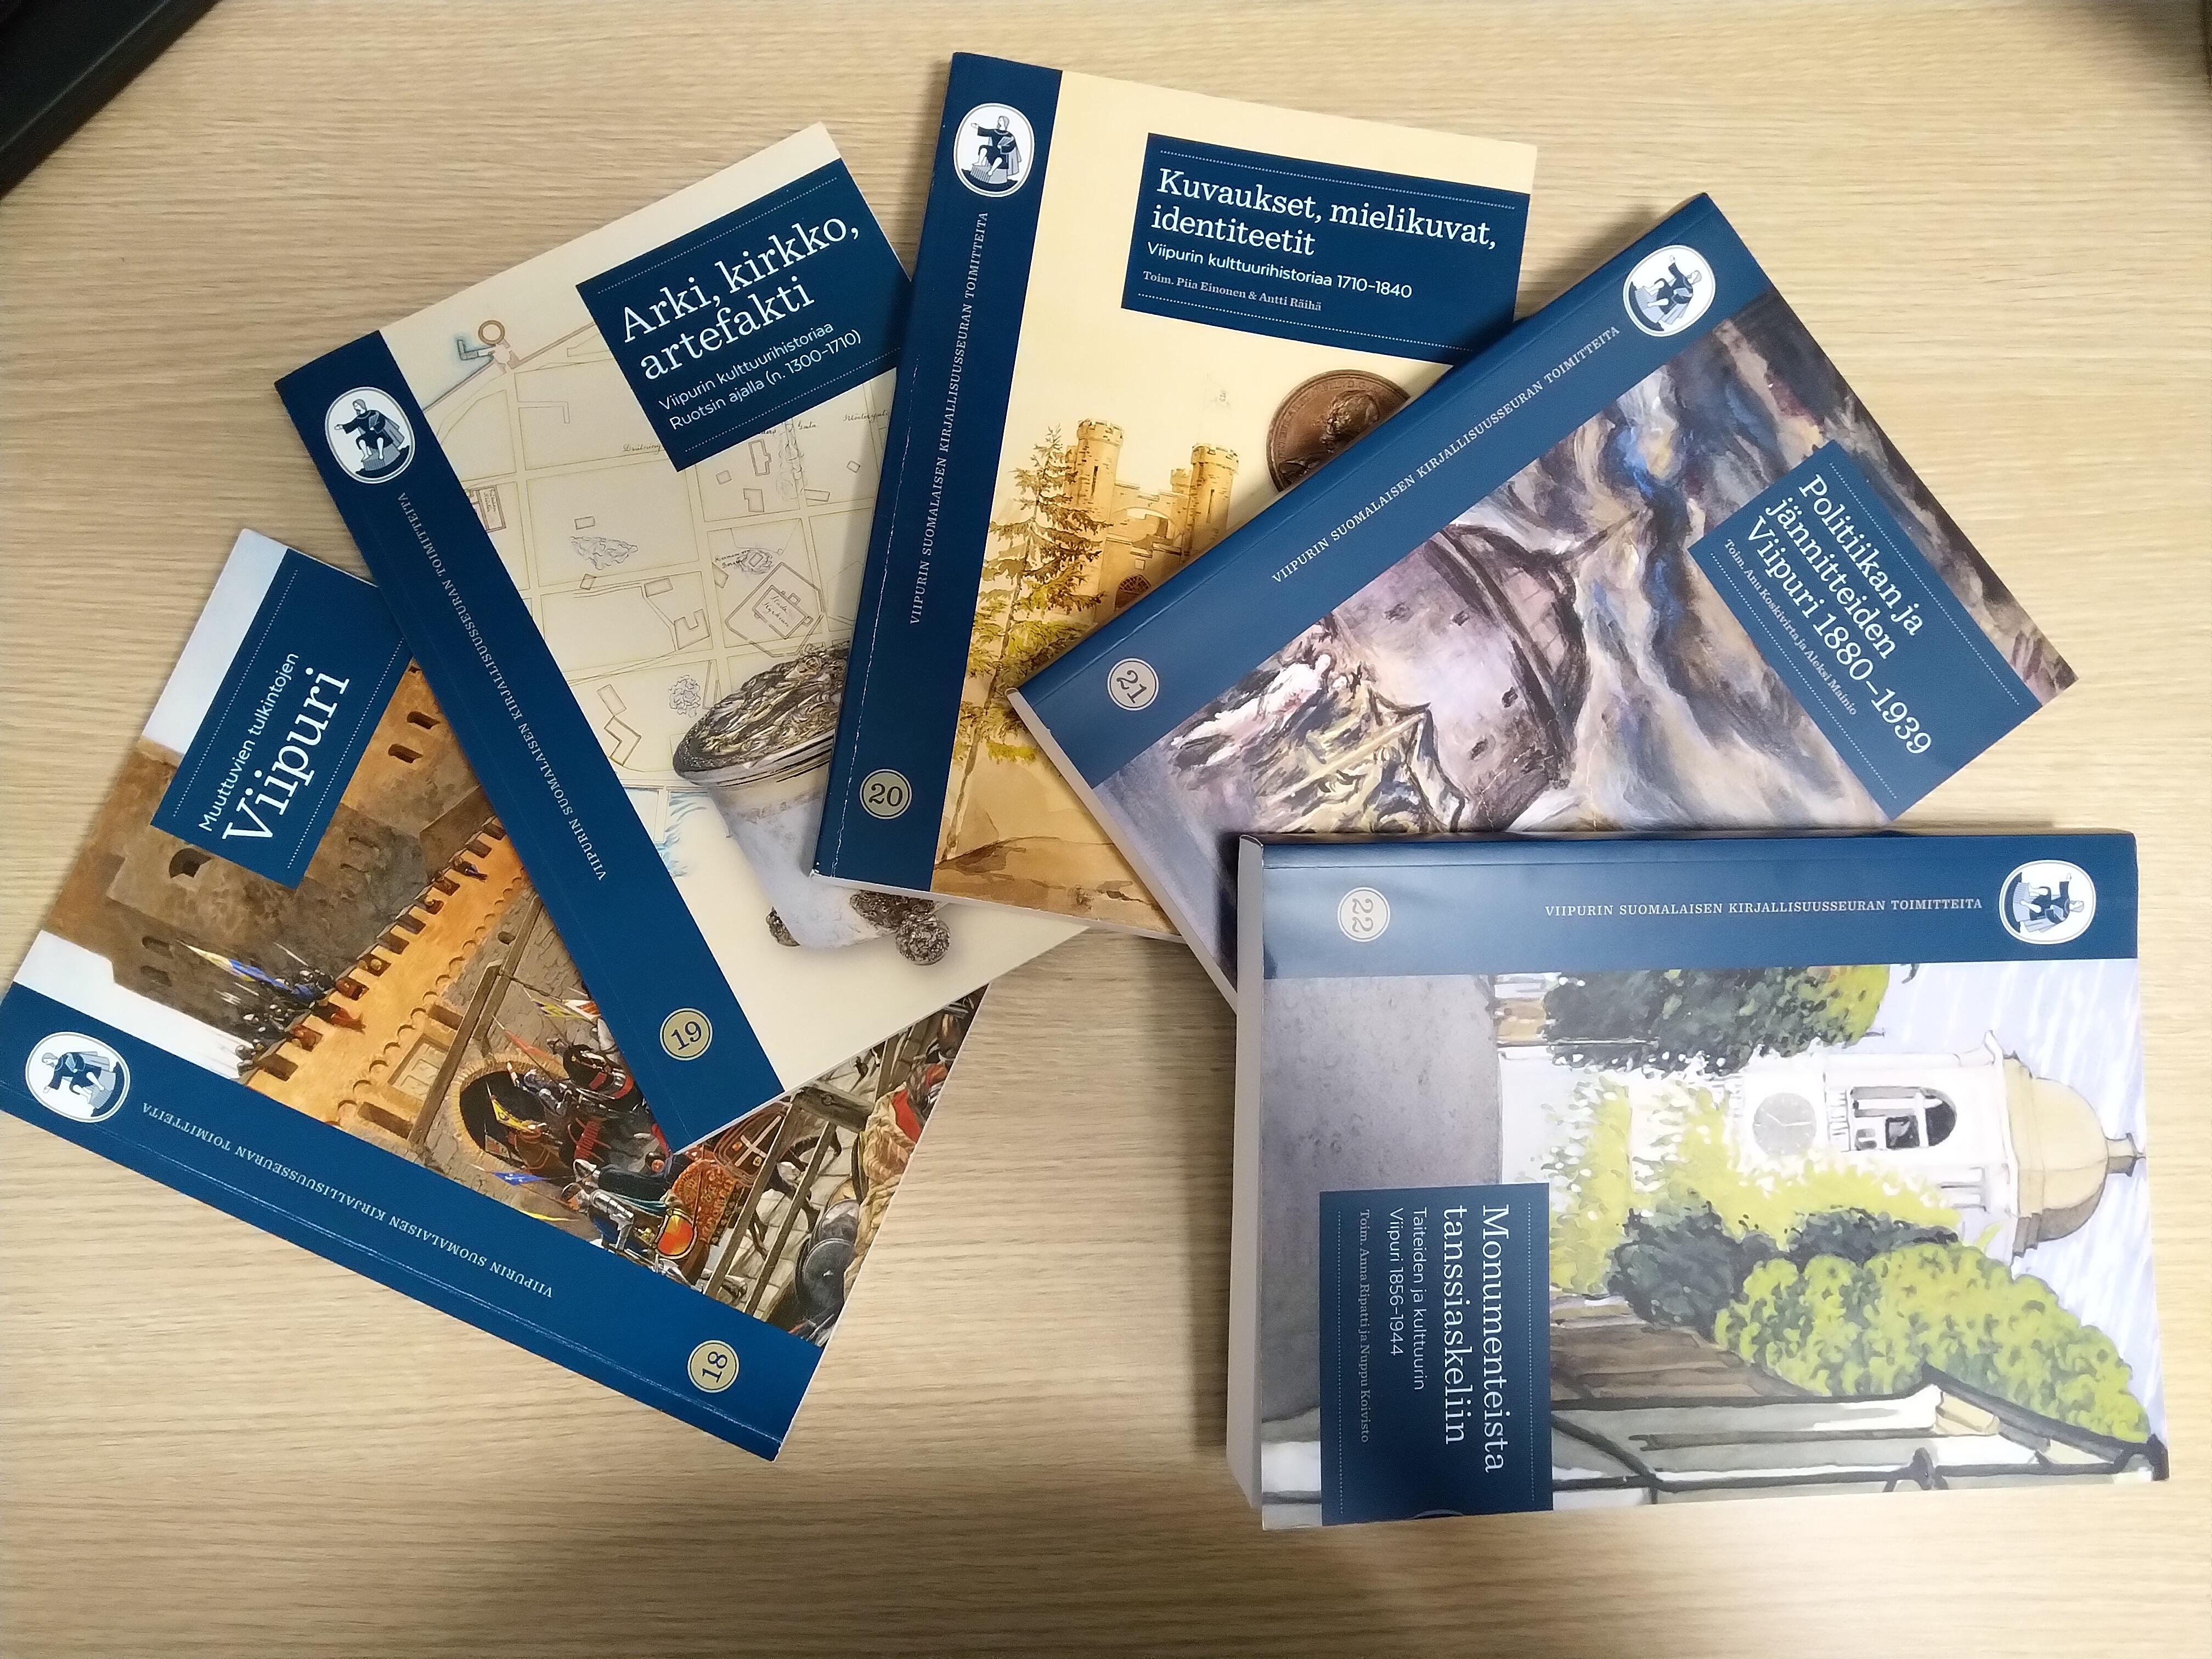 Pöydällä viisi julkaisua Viipurin Suomalaisen Kirjallisuusseuran Toimitteita -sarjasta.